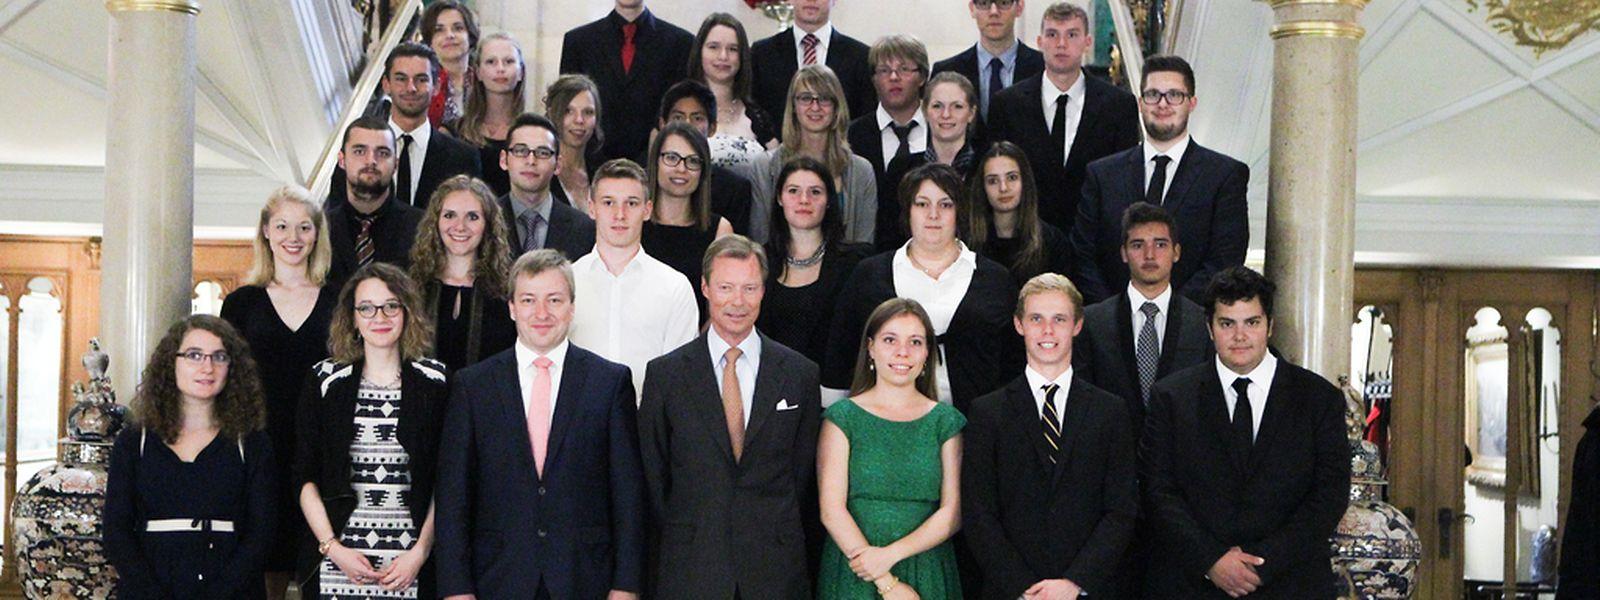 Großherzog Henri empfängt die Abiturienten mit Bestnoten im Palais.